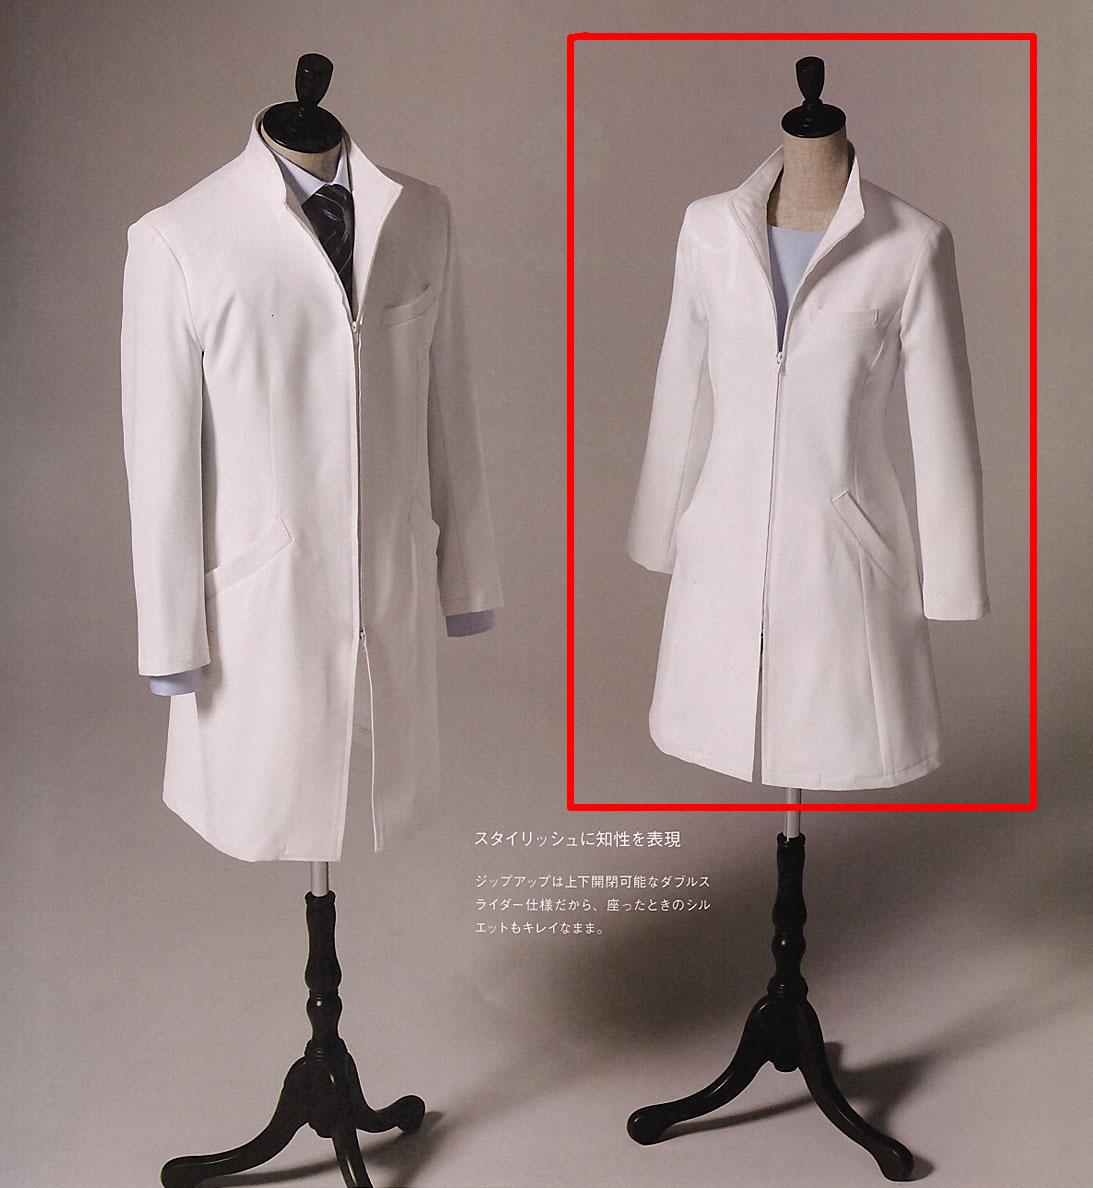 【ラッキーシール対応】白衣 《Triumph》(トリンプ)女性用ドクターコート/ハーフ丈SP/TXM-004【】